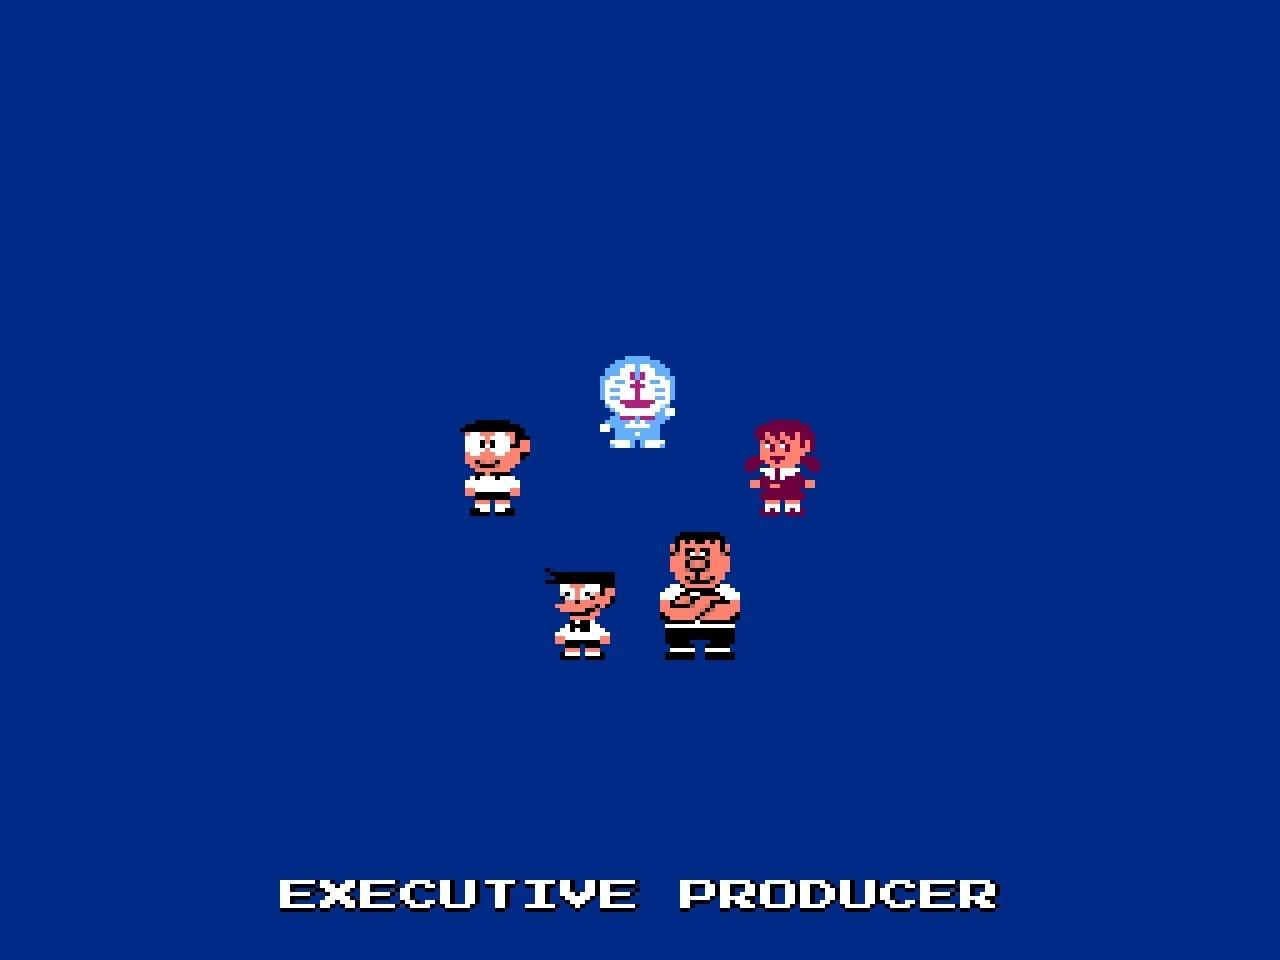 ファミコンゲーム3本分の面白さを凝縮!? ハドソン版『ドラえもん』に感じた「底しれぬ原作愛」の画像015